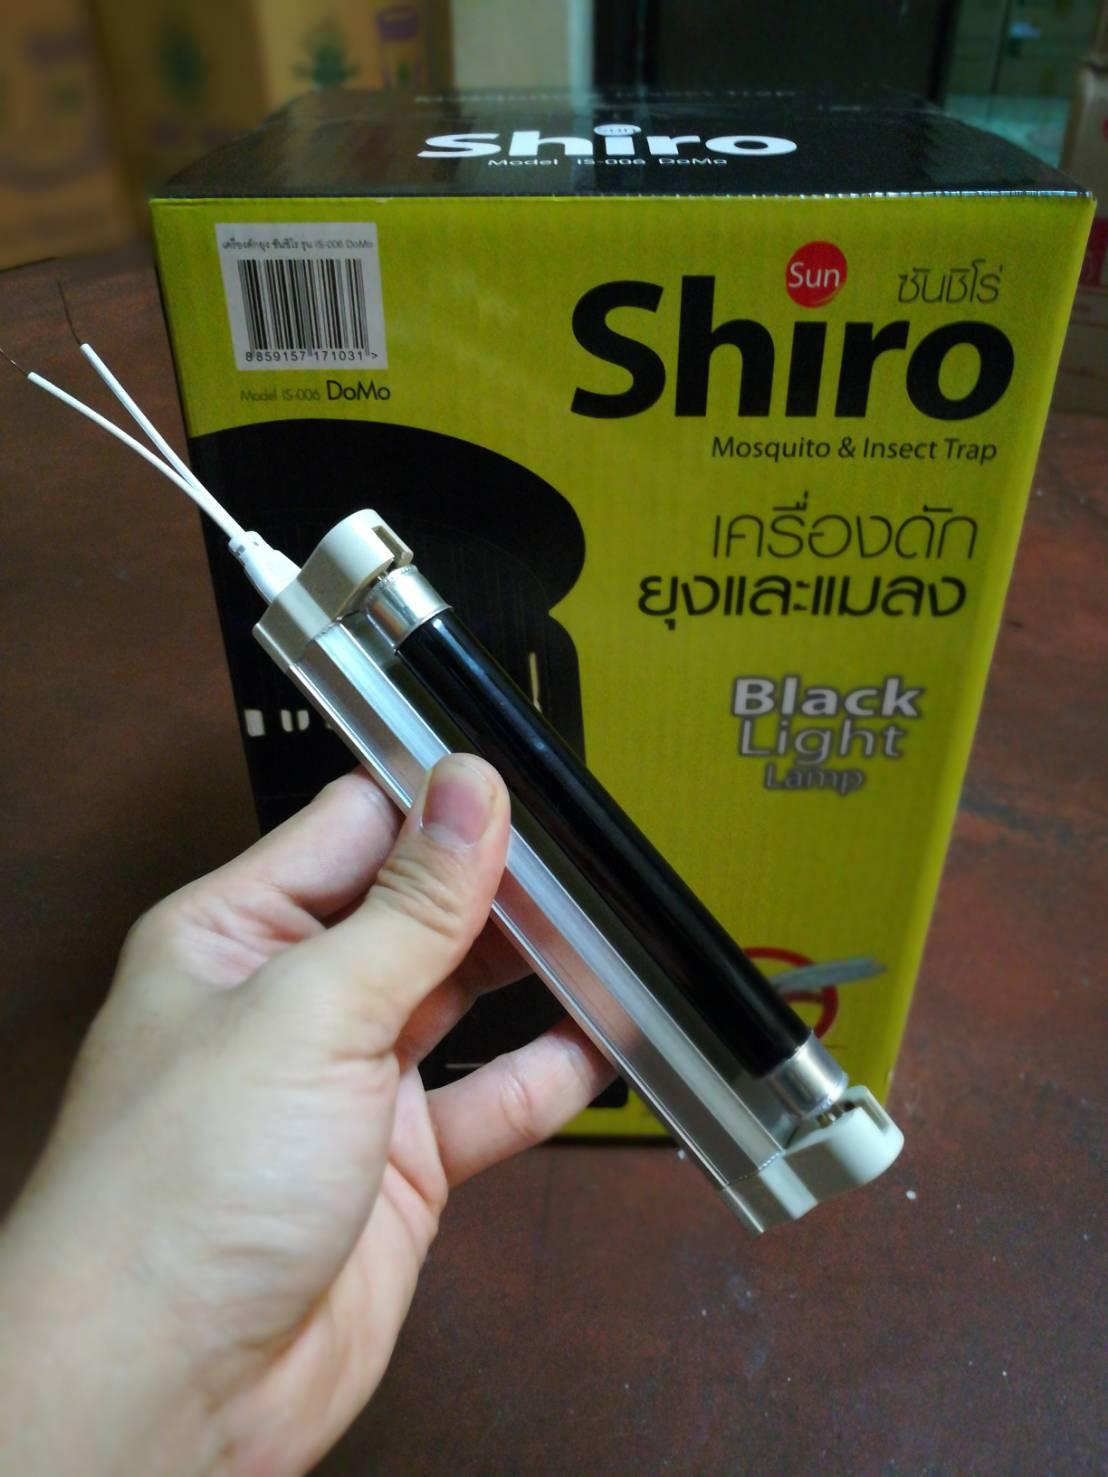 รางนีออน รางหลอดไฟ รางหลอดไฟเครื่องดักยุงซันชิโร่ sunshiro 4 watt พร้อมหลอดไฟดักยุง 4 watt จำนวน 1 หลอด สำหรับผุ้ที่ต้องการนำไปซ๋อมเอง เมื่อประกันขาด